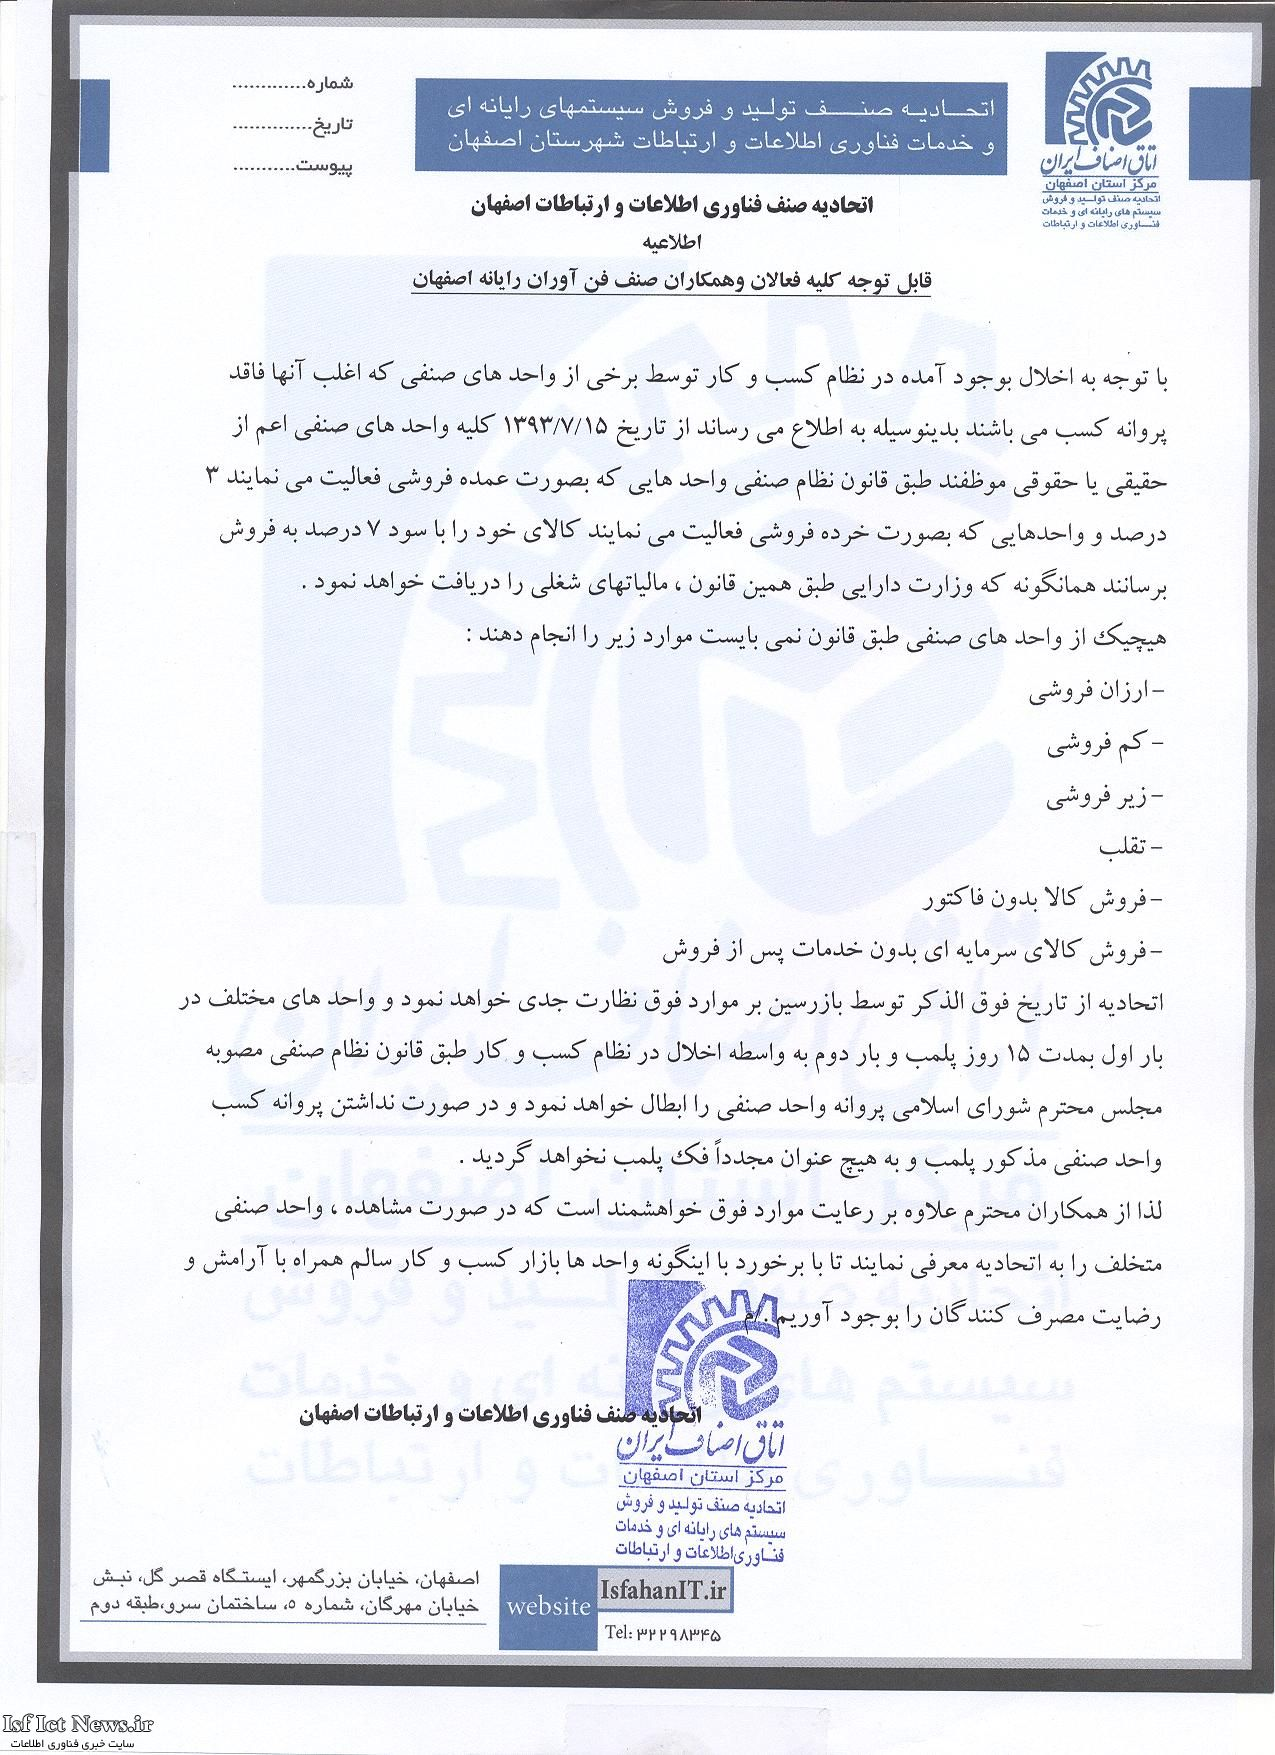 فراخوان وزارت ارتباطات به تولیدکنندگان سامانههای هوشمند فیلترینگ